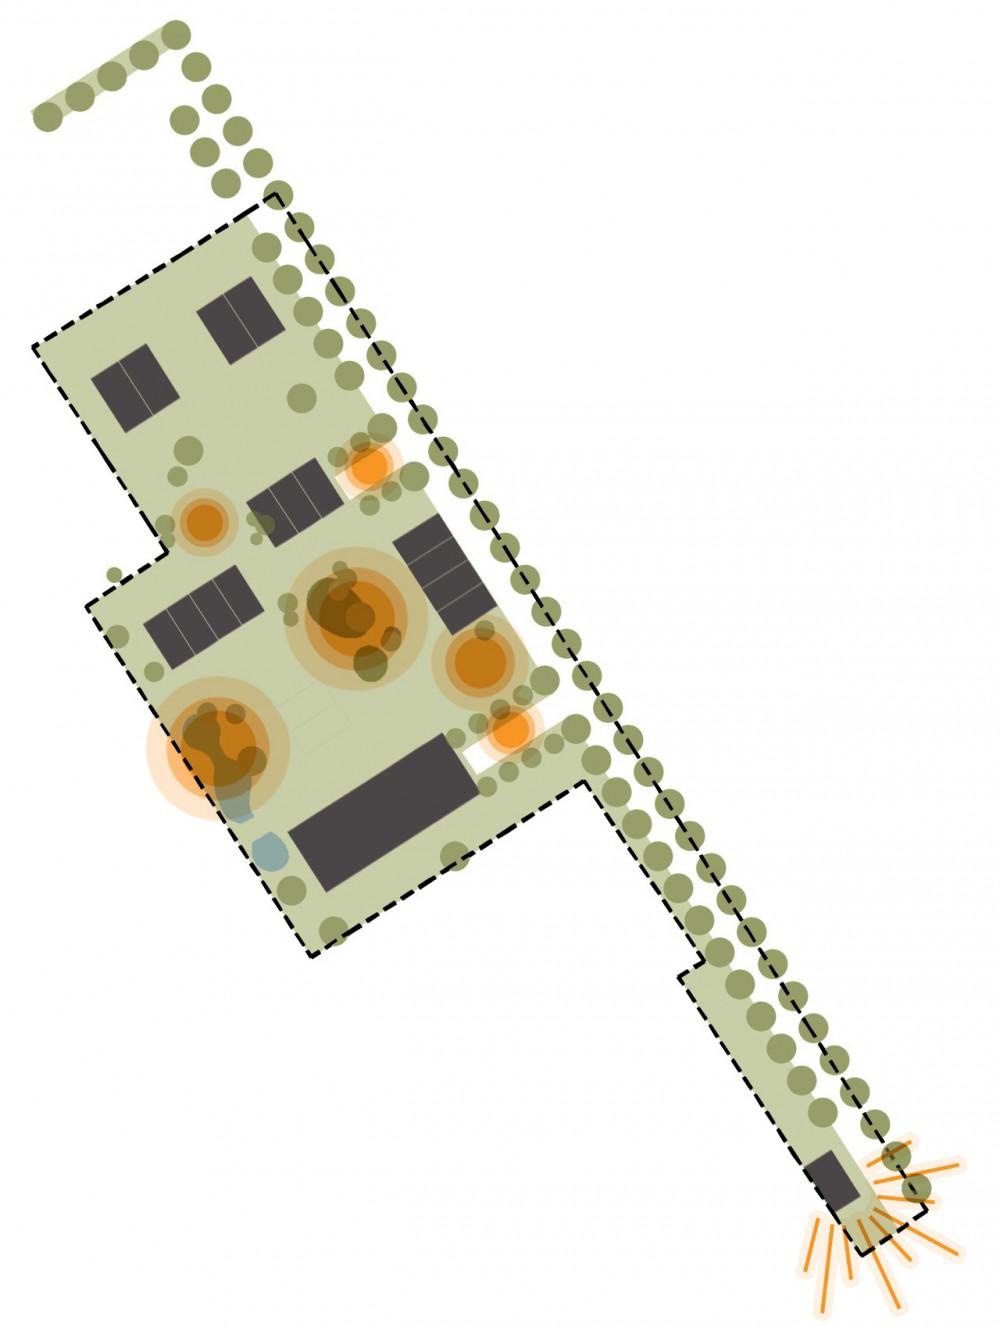 Abscis Architecten - schema groenstructuur en beleving